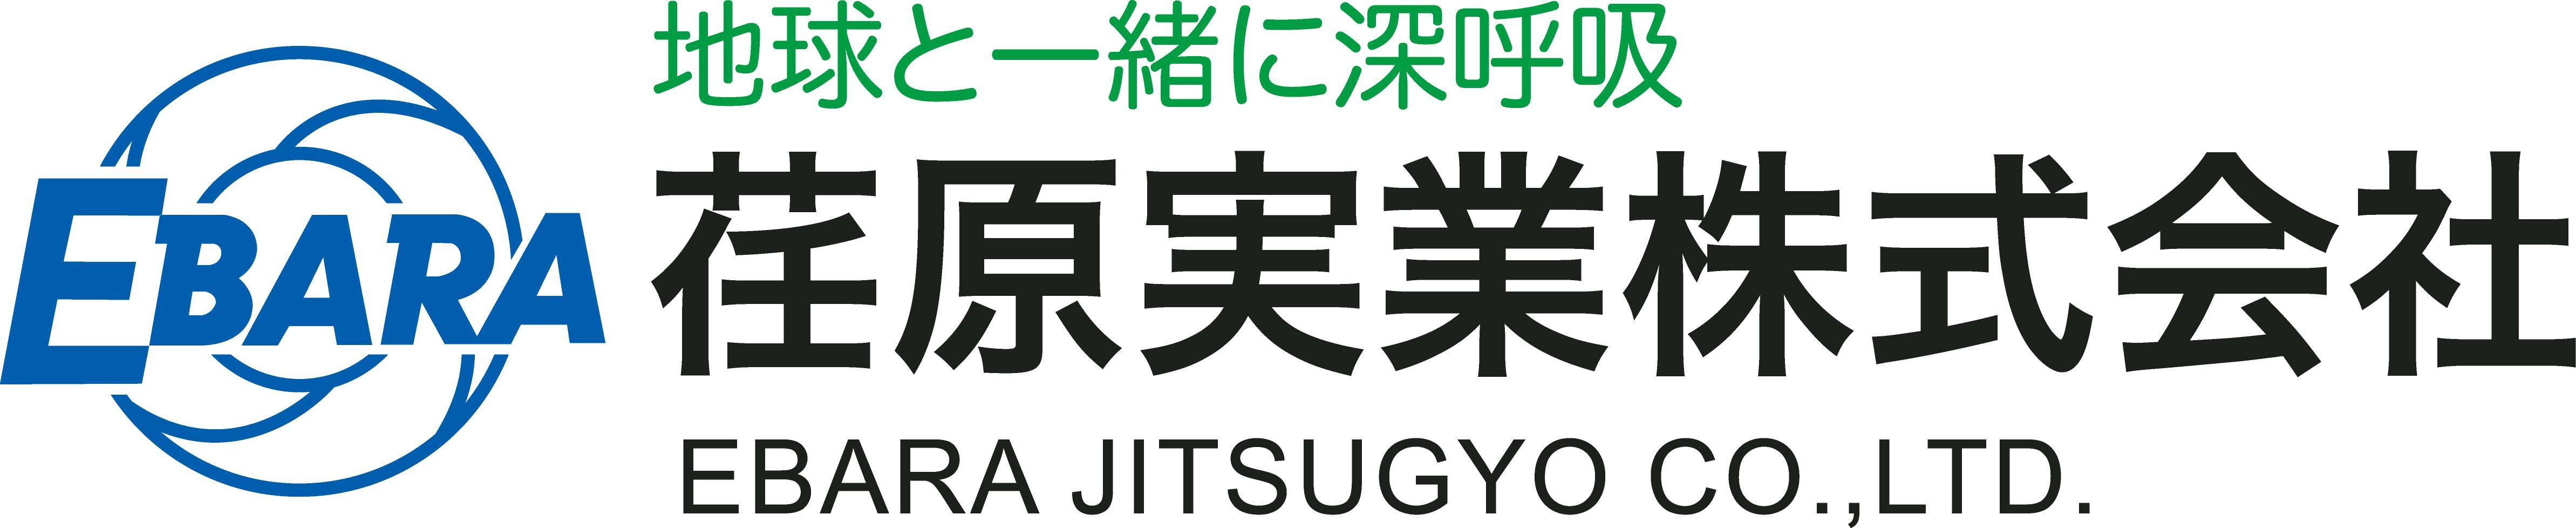 荏原実業ロゴ